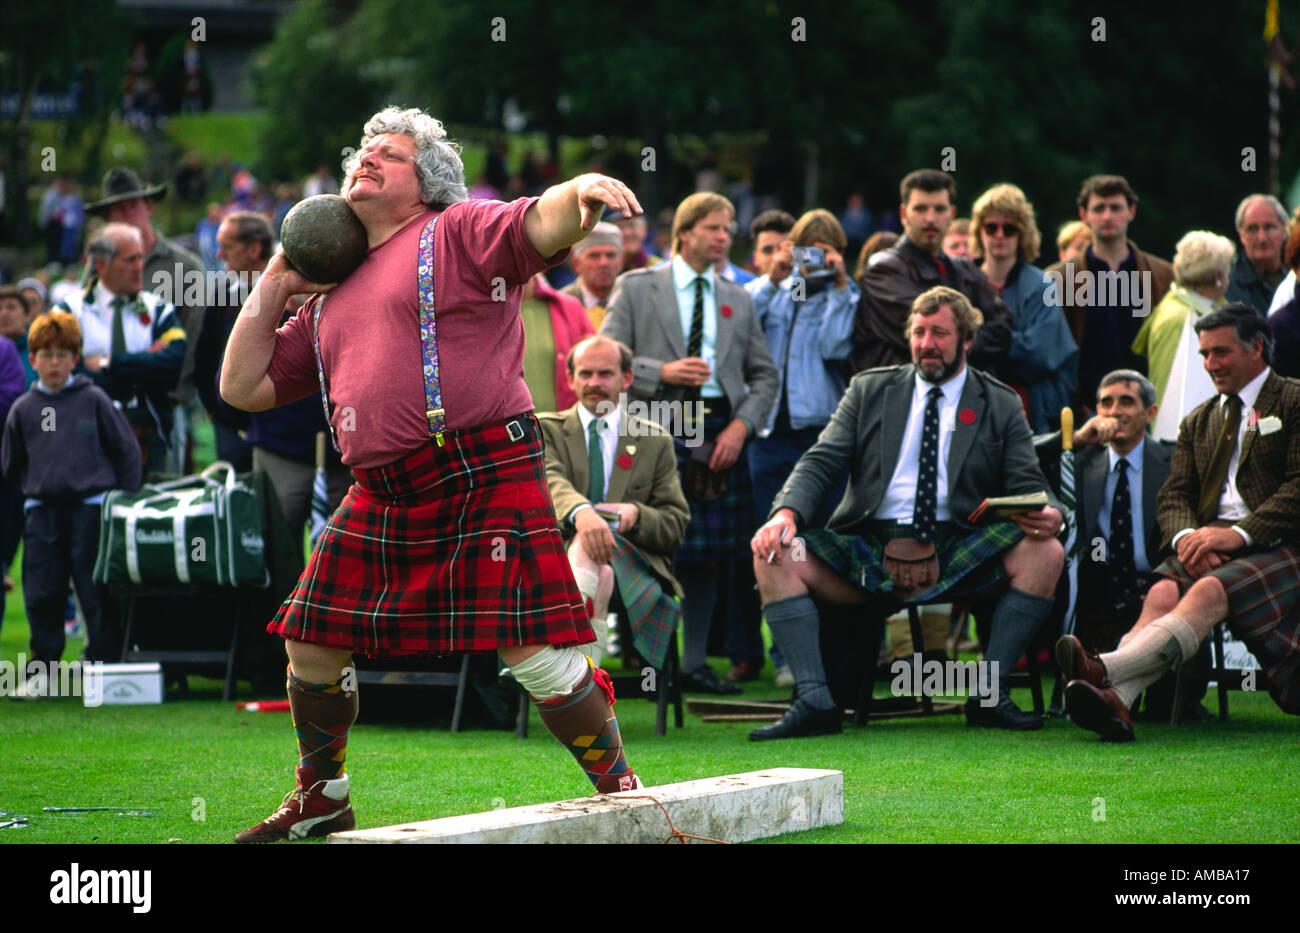 Scottish man wearing kilt putting the shot at Royal Braemar Gathering Highland Games near Balmoral, Grampian Region, Scotland - Stock Image